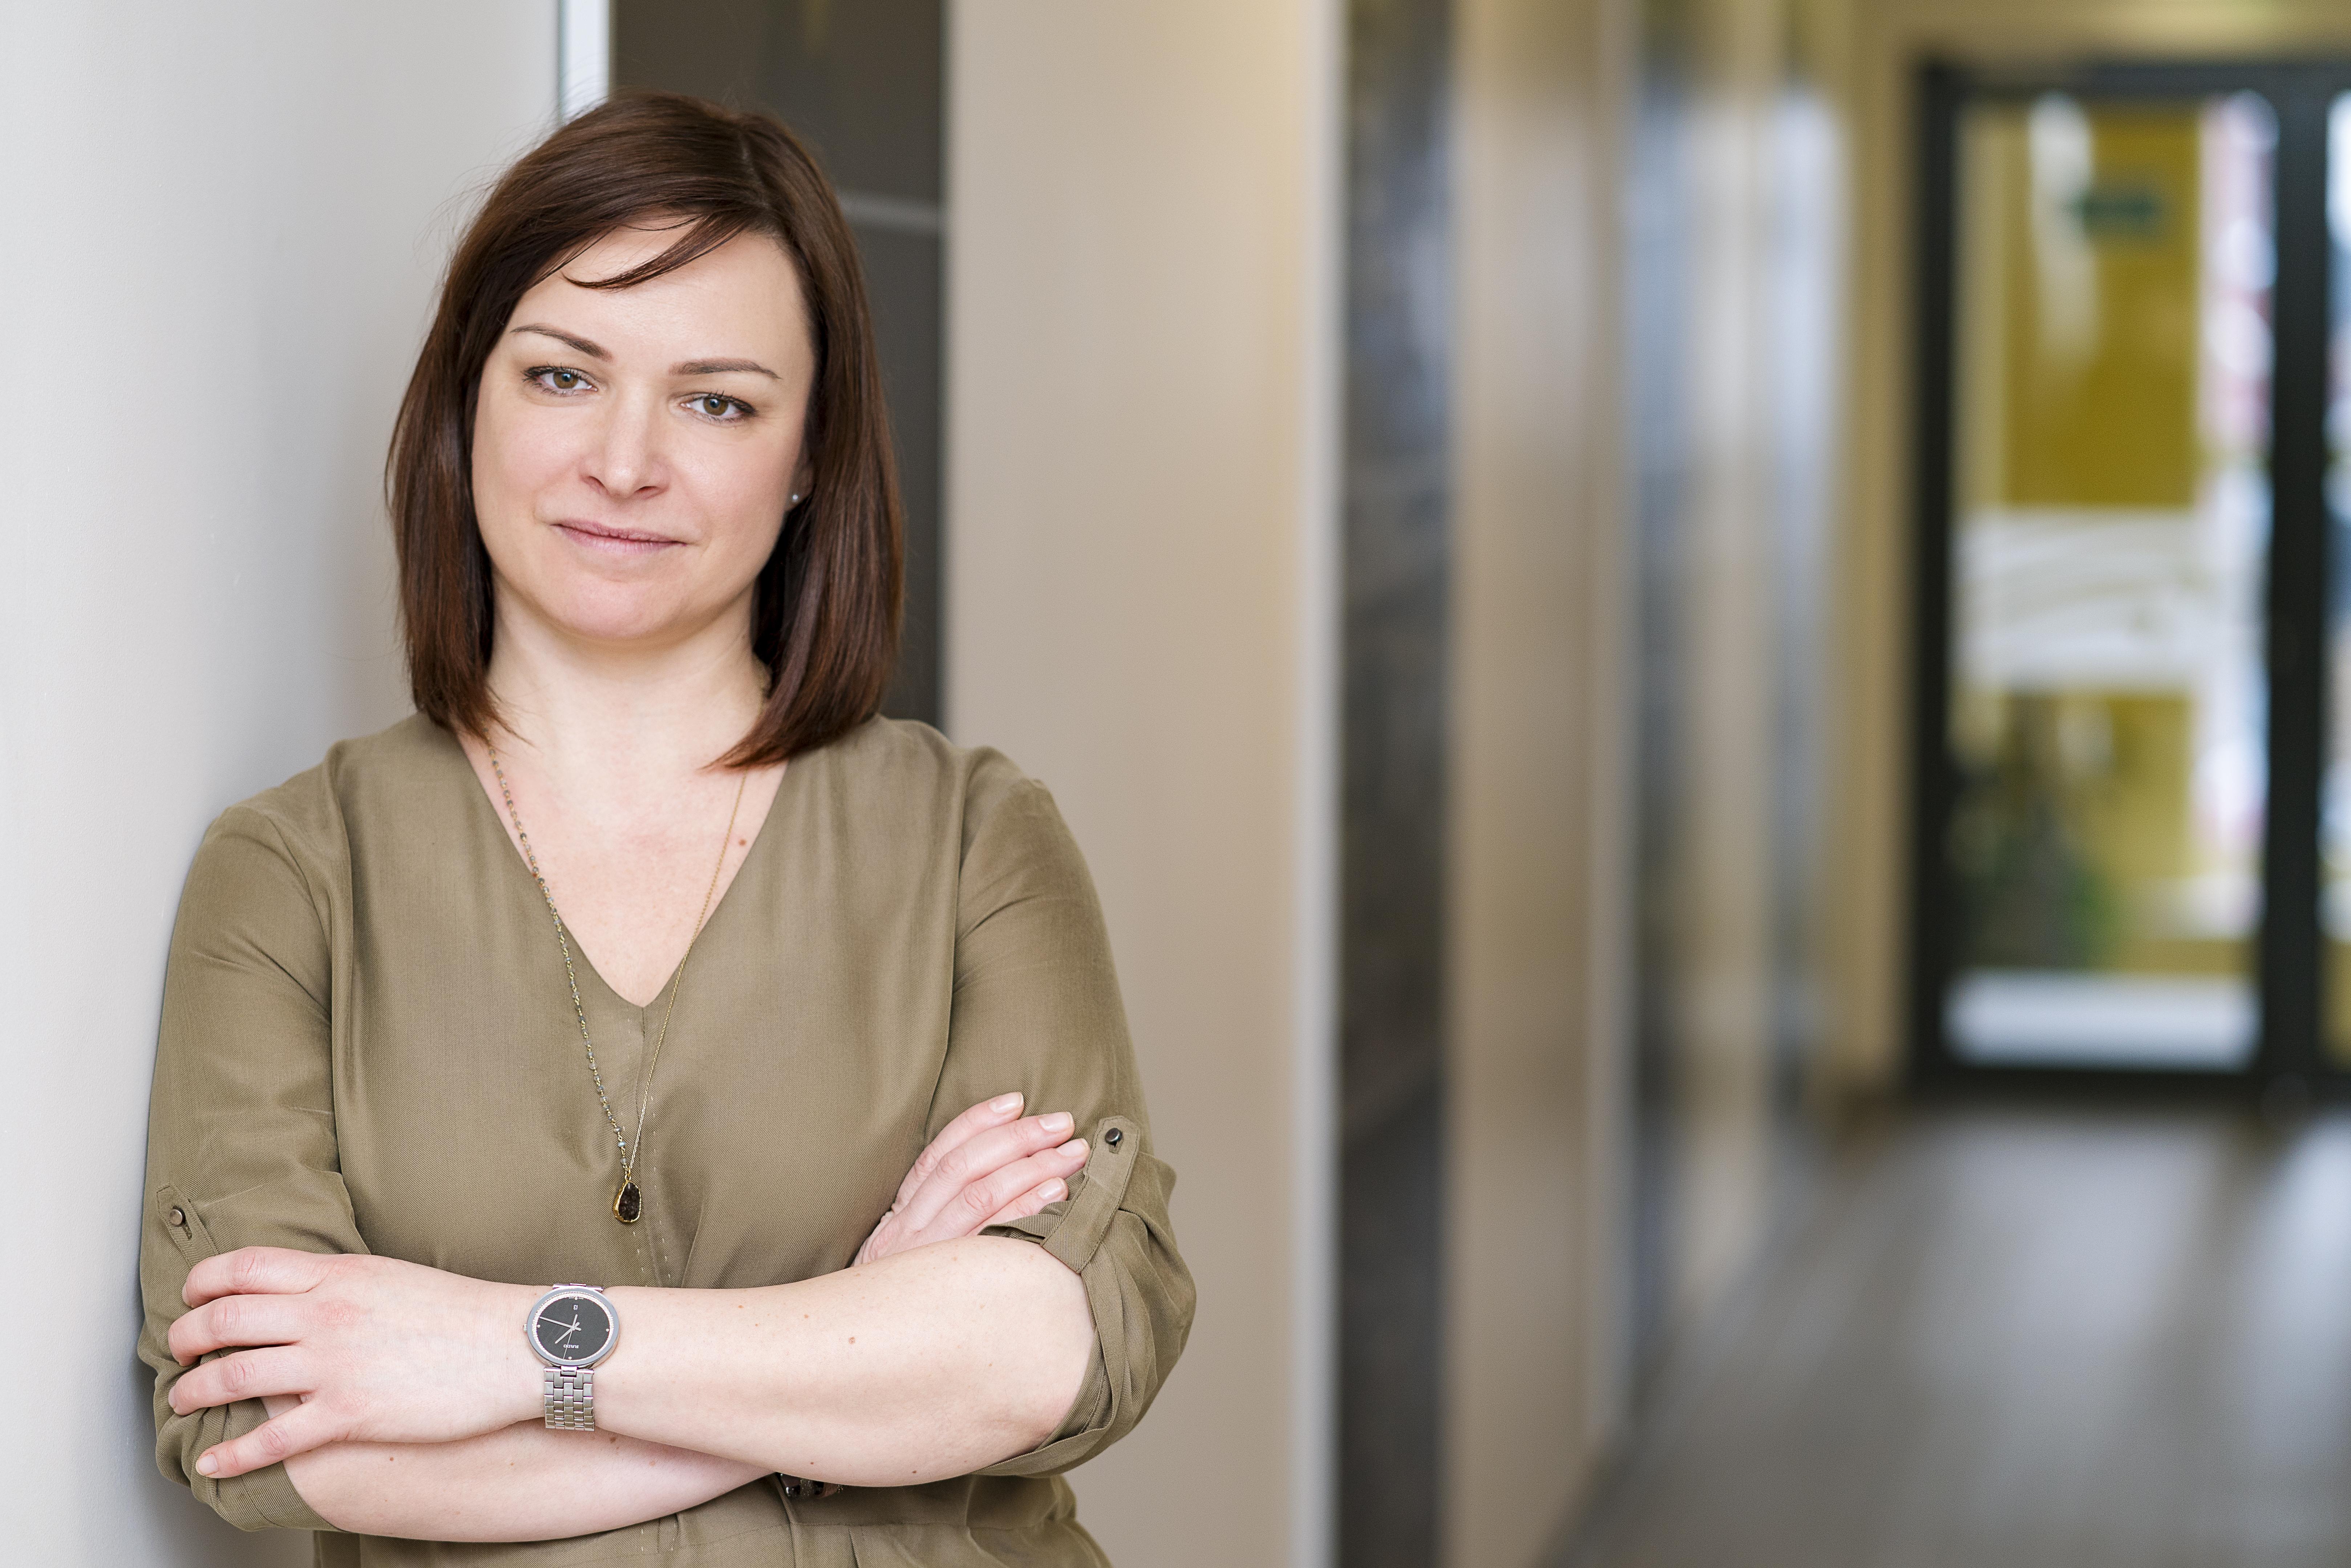 Viktorija Jureviciute